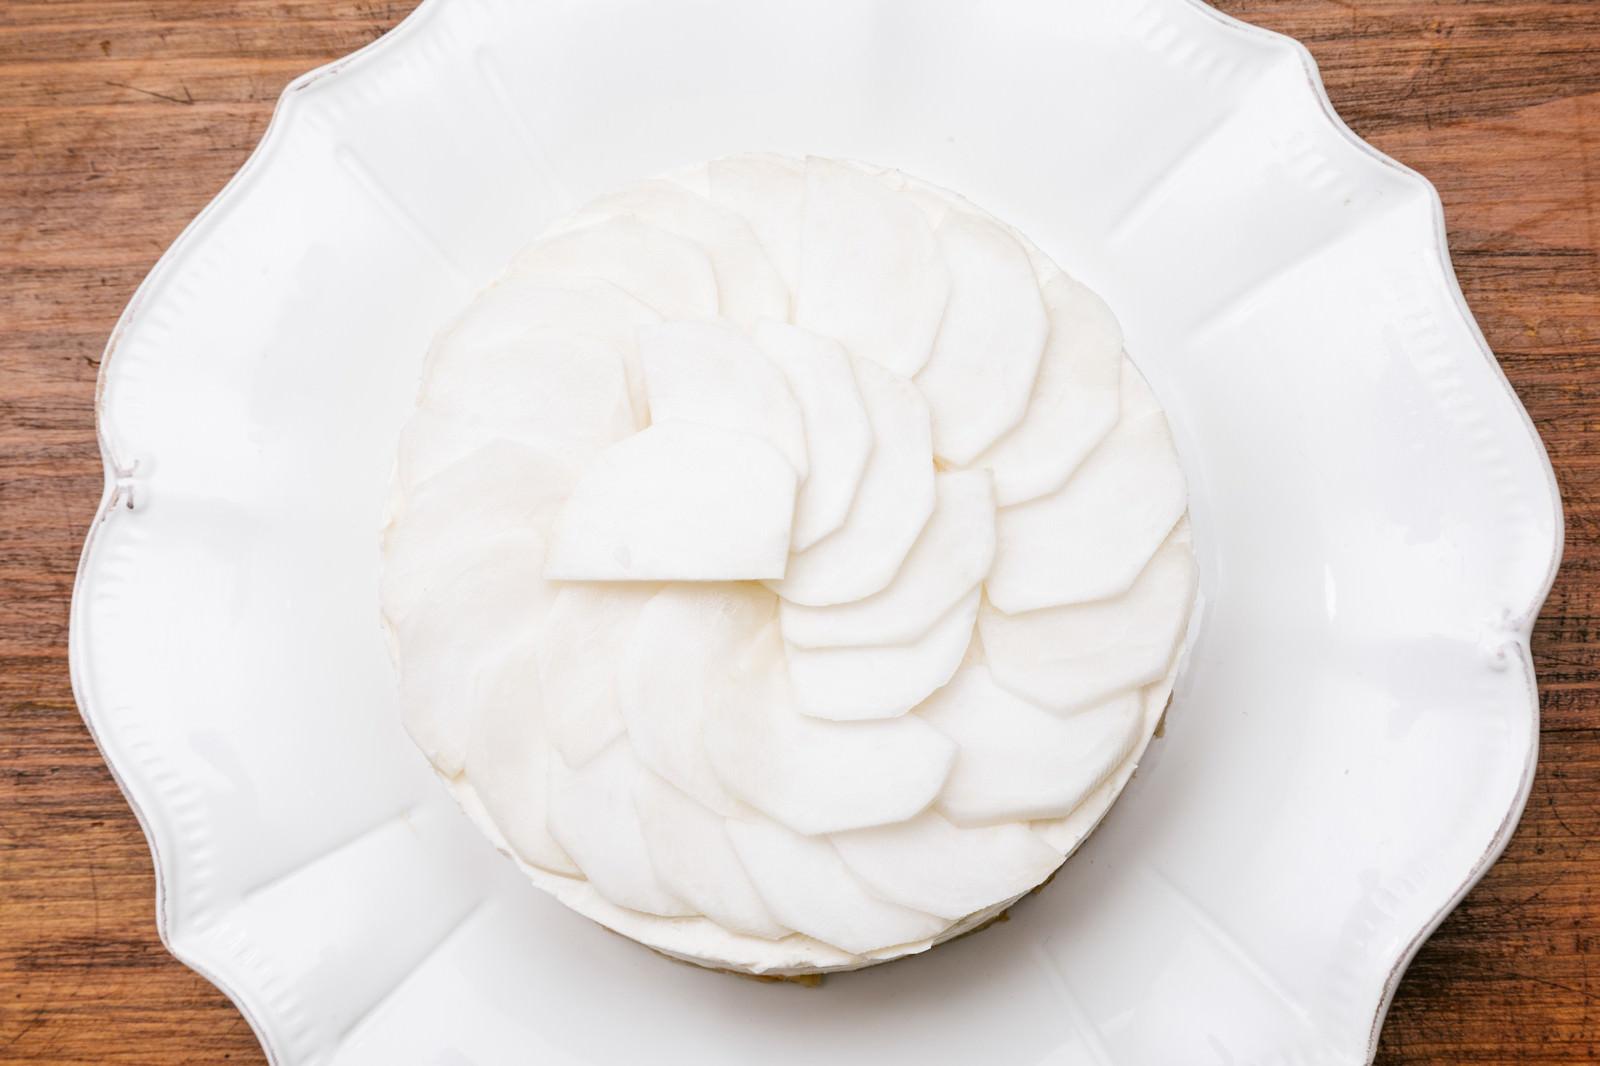 「薄切りにしたかぶをケーキに載せる薄切りにしたかぶをケーキに載せる」のフリー写真素材を拡大